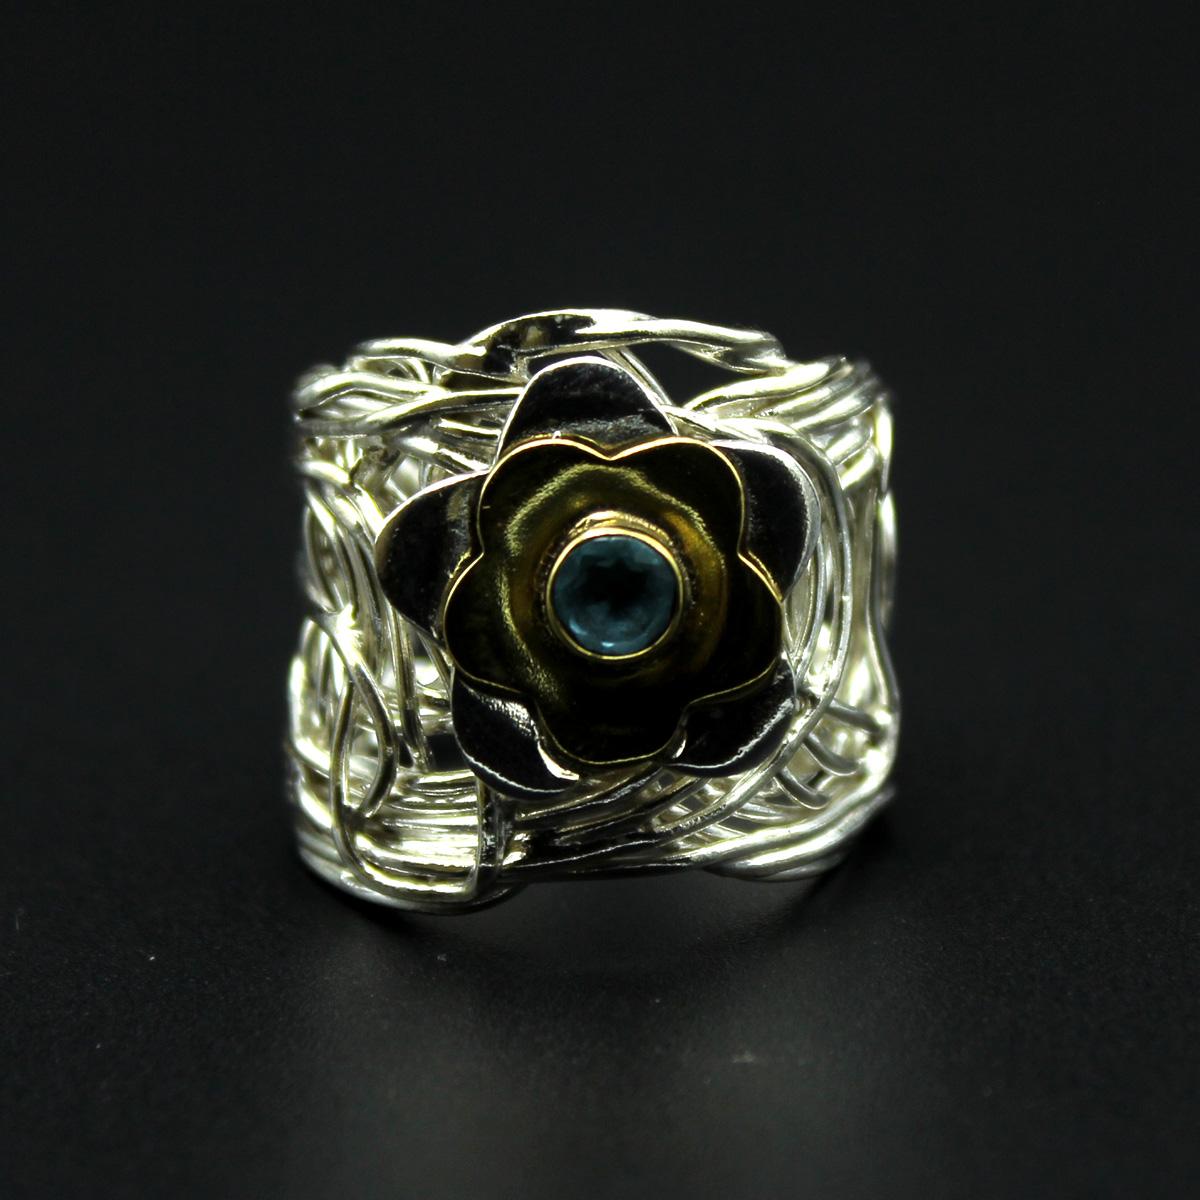 Кольцо, серебро, 8.36 грамм, проба 925, размер 18